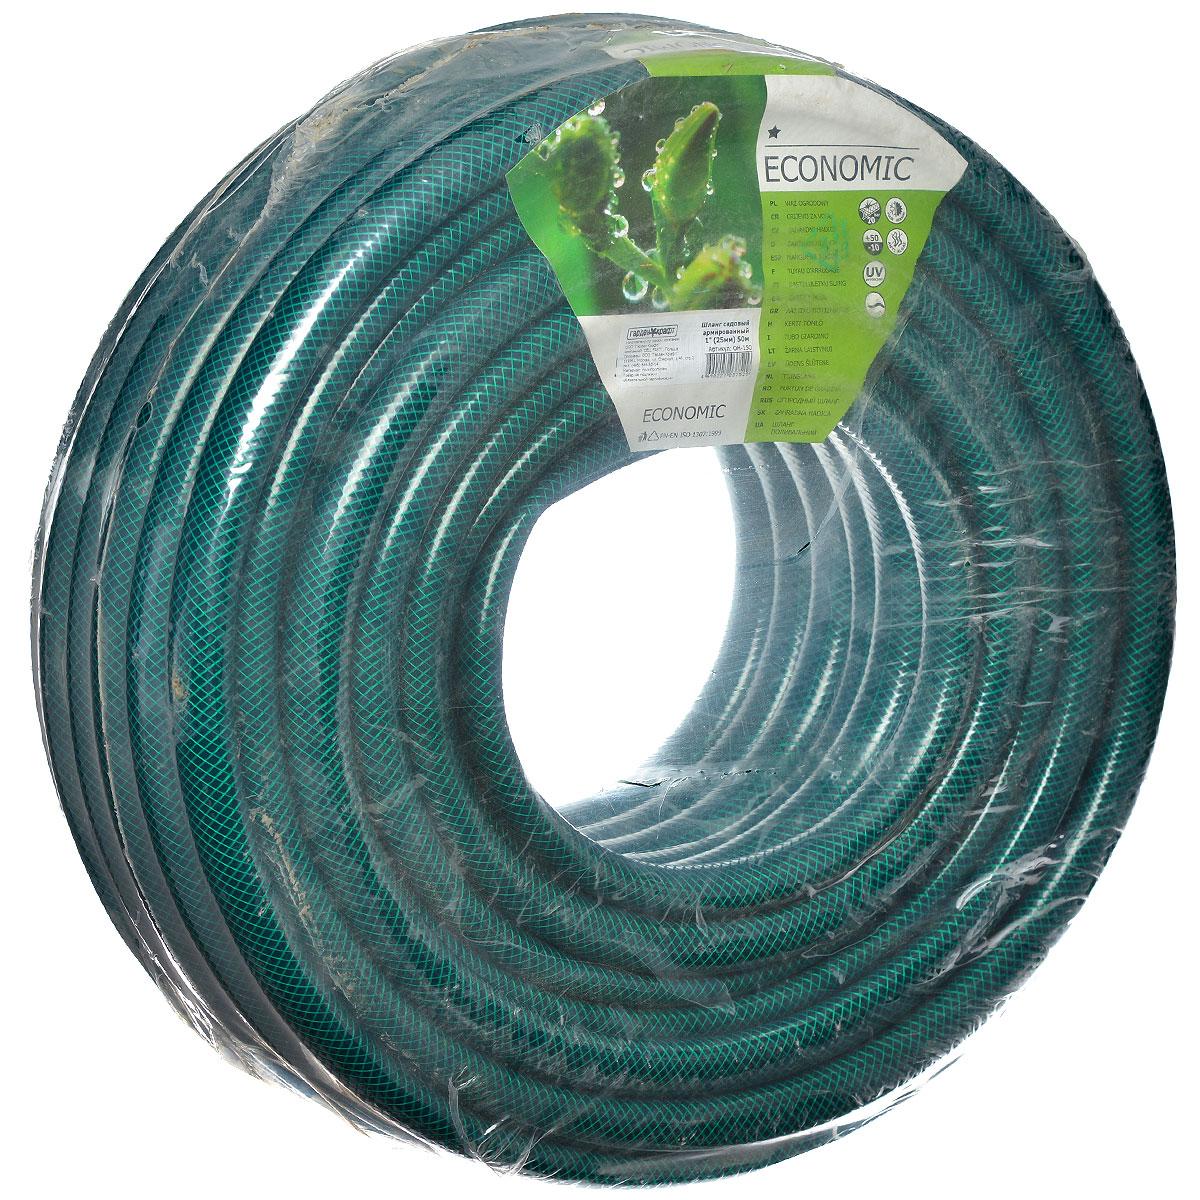 Шланг садовый Cellfast Economic, трехслойный, 1, 50 мOH-150Трехслойный садовый шланг Cellfast Economic, изготовленный из полипропилена, применяется для поливочных работ на приусадебном участке. Имеет сетчатое армирование полиамидной нитью, за счет чего является прочным и гибким. Устойчив к воздействиям окружающей среды и образованию водорослей на внутреннем слое. Отсутствие в составе токсичных веществ обеспечивает безопасность для окружающей среды и человека. Имеет длительный срок эксплуатации, не обесцвечивается и не теряет форму со временем. Температура использования шланга -10°C до +50°C.